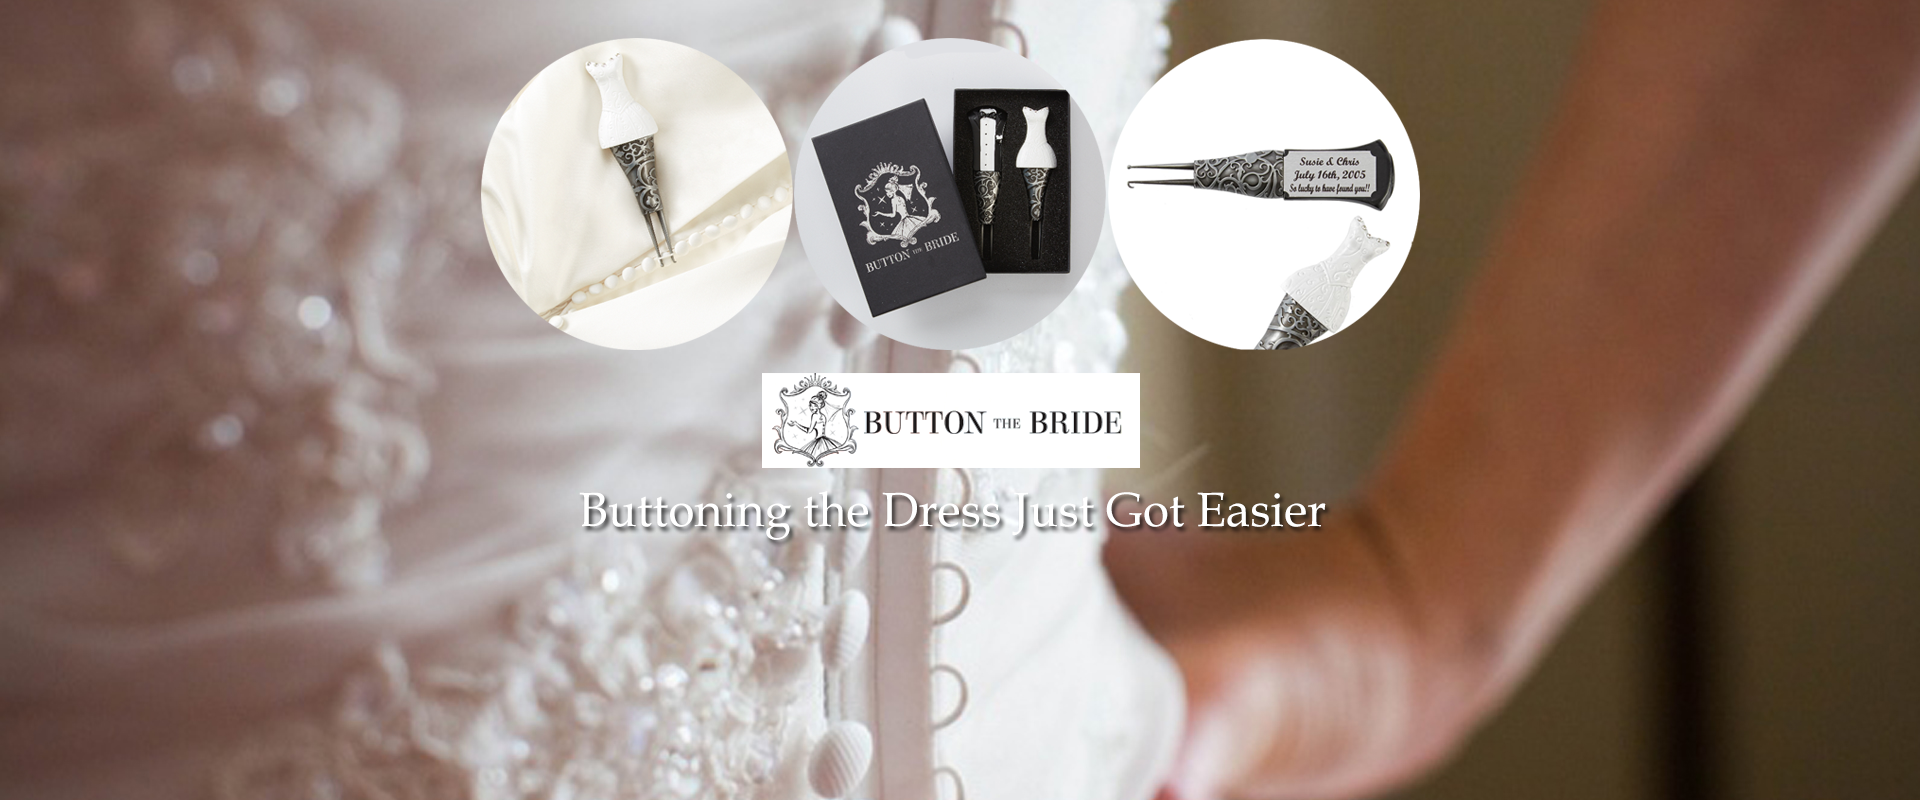 Button The Bride